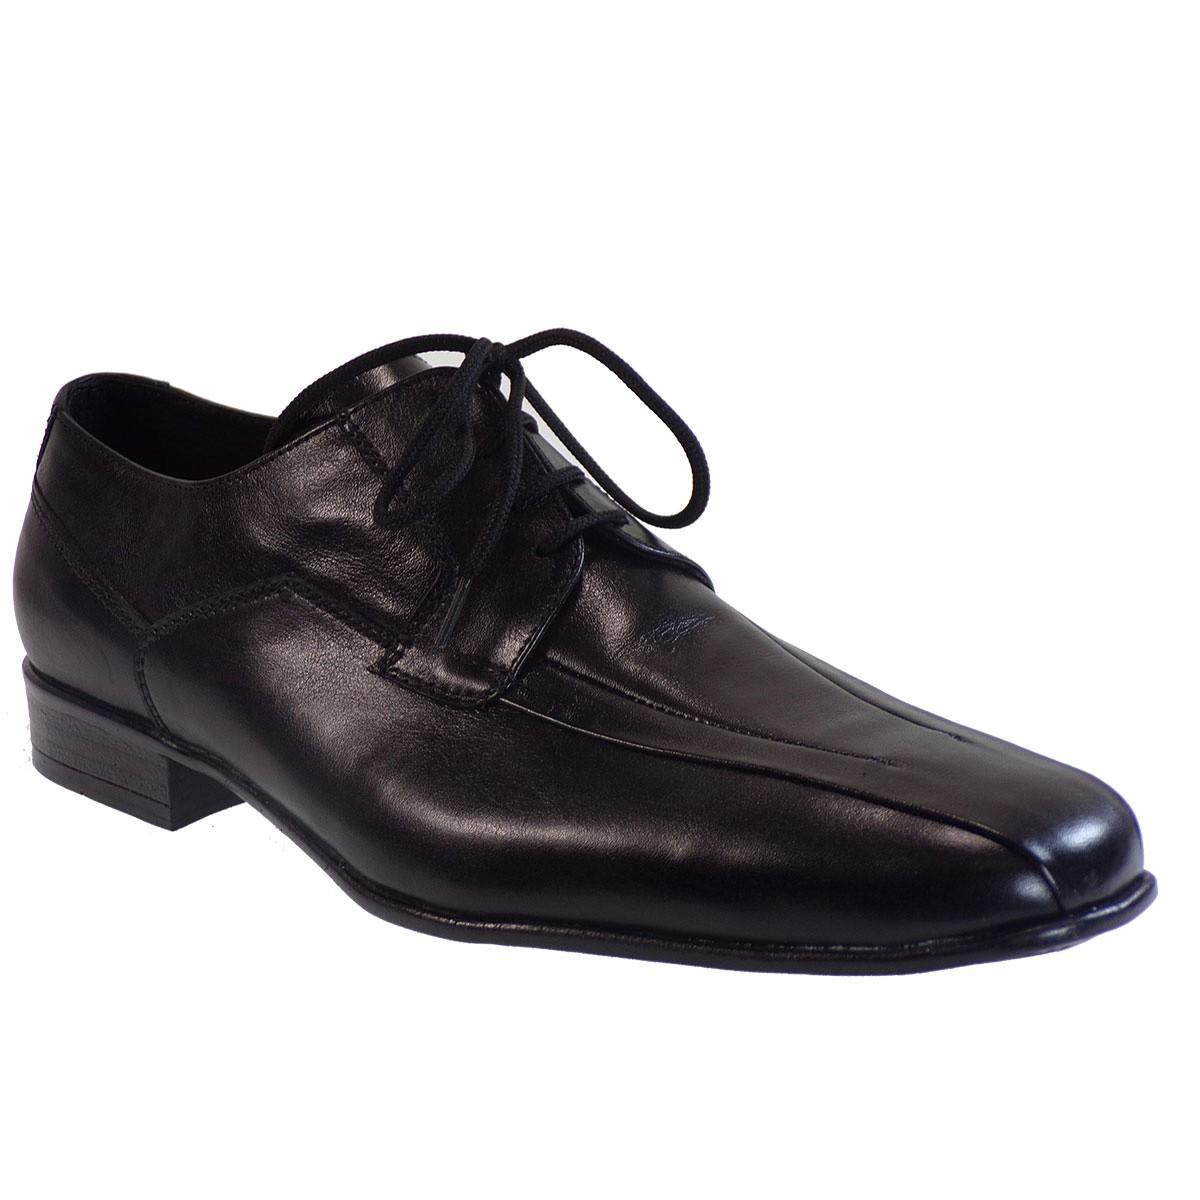 Vero Shoes Παπούτσια Αντρικά 164 Μαύρο Δέρμα